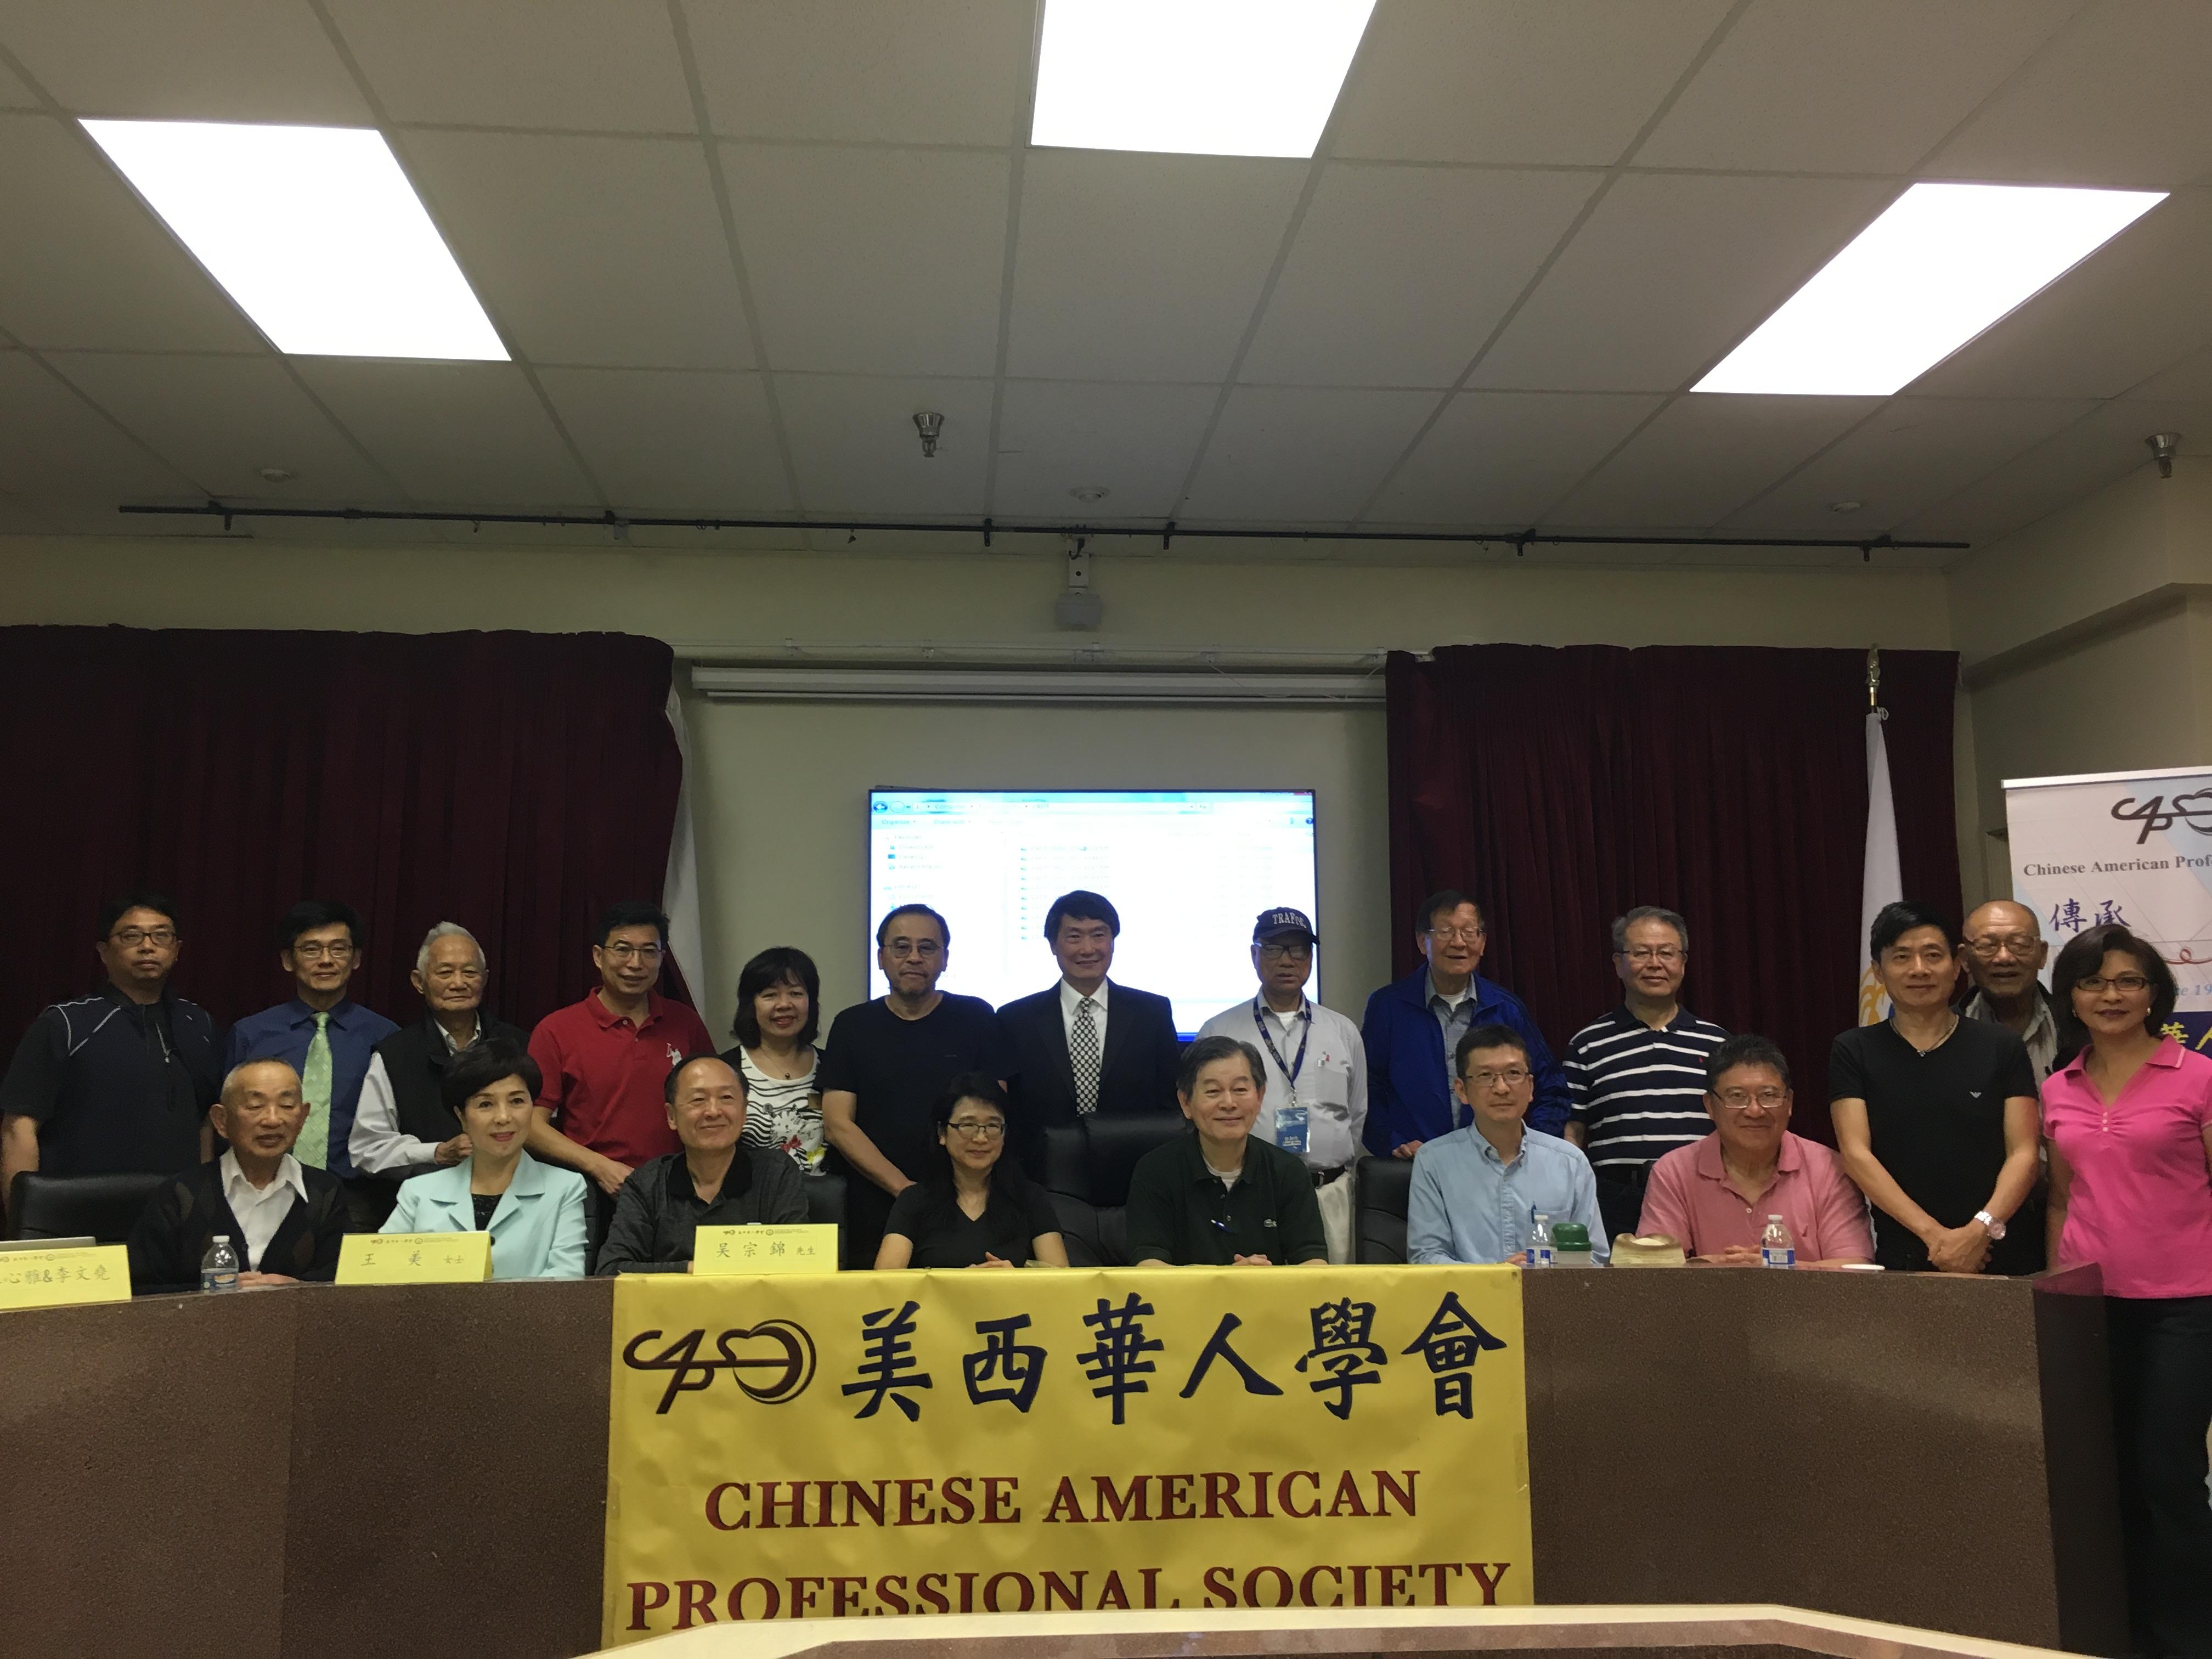 北美南加州華人寫作協會與美西華人學會主要成員皆參與新書講座,作者林心雅(前排左四)與李文堯 (後排左六)與民眾分享心路歷程。(記者謝雨珊/攝影)